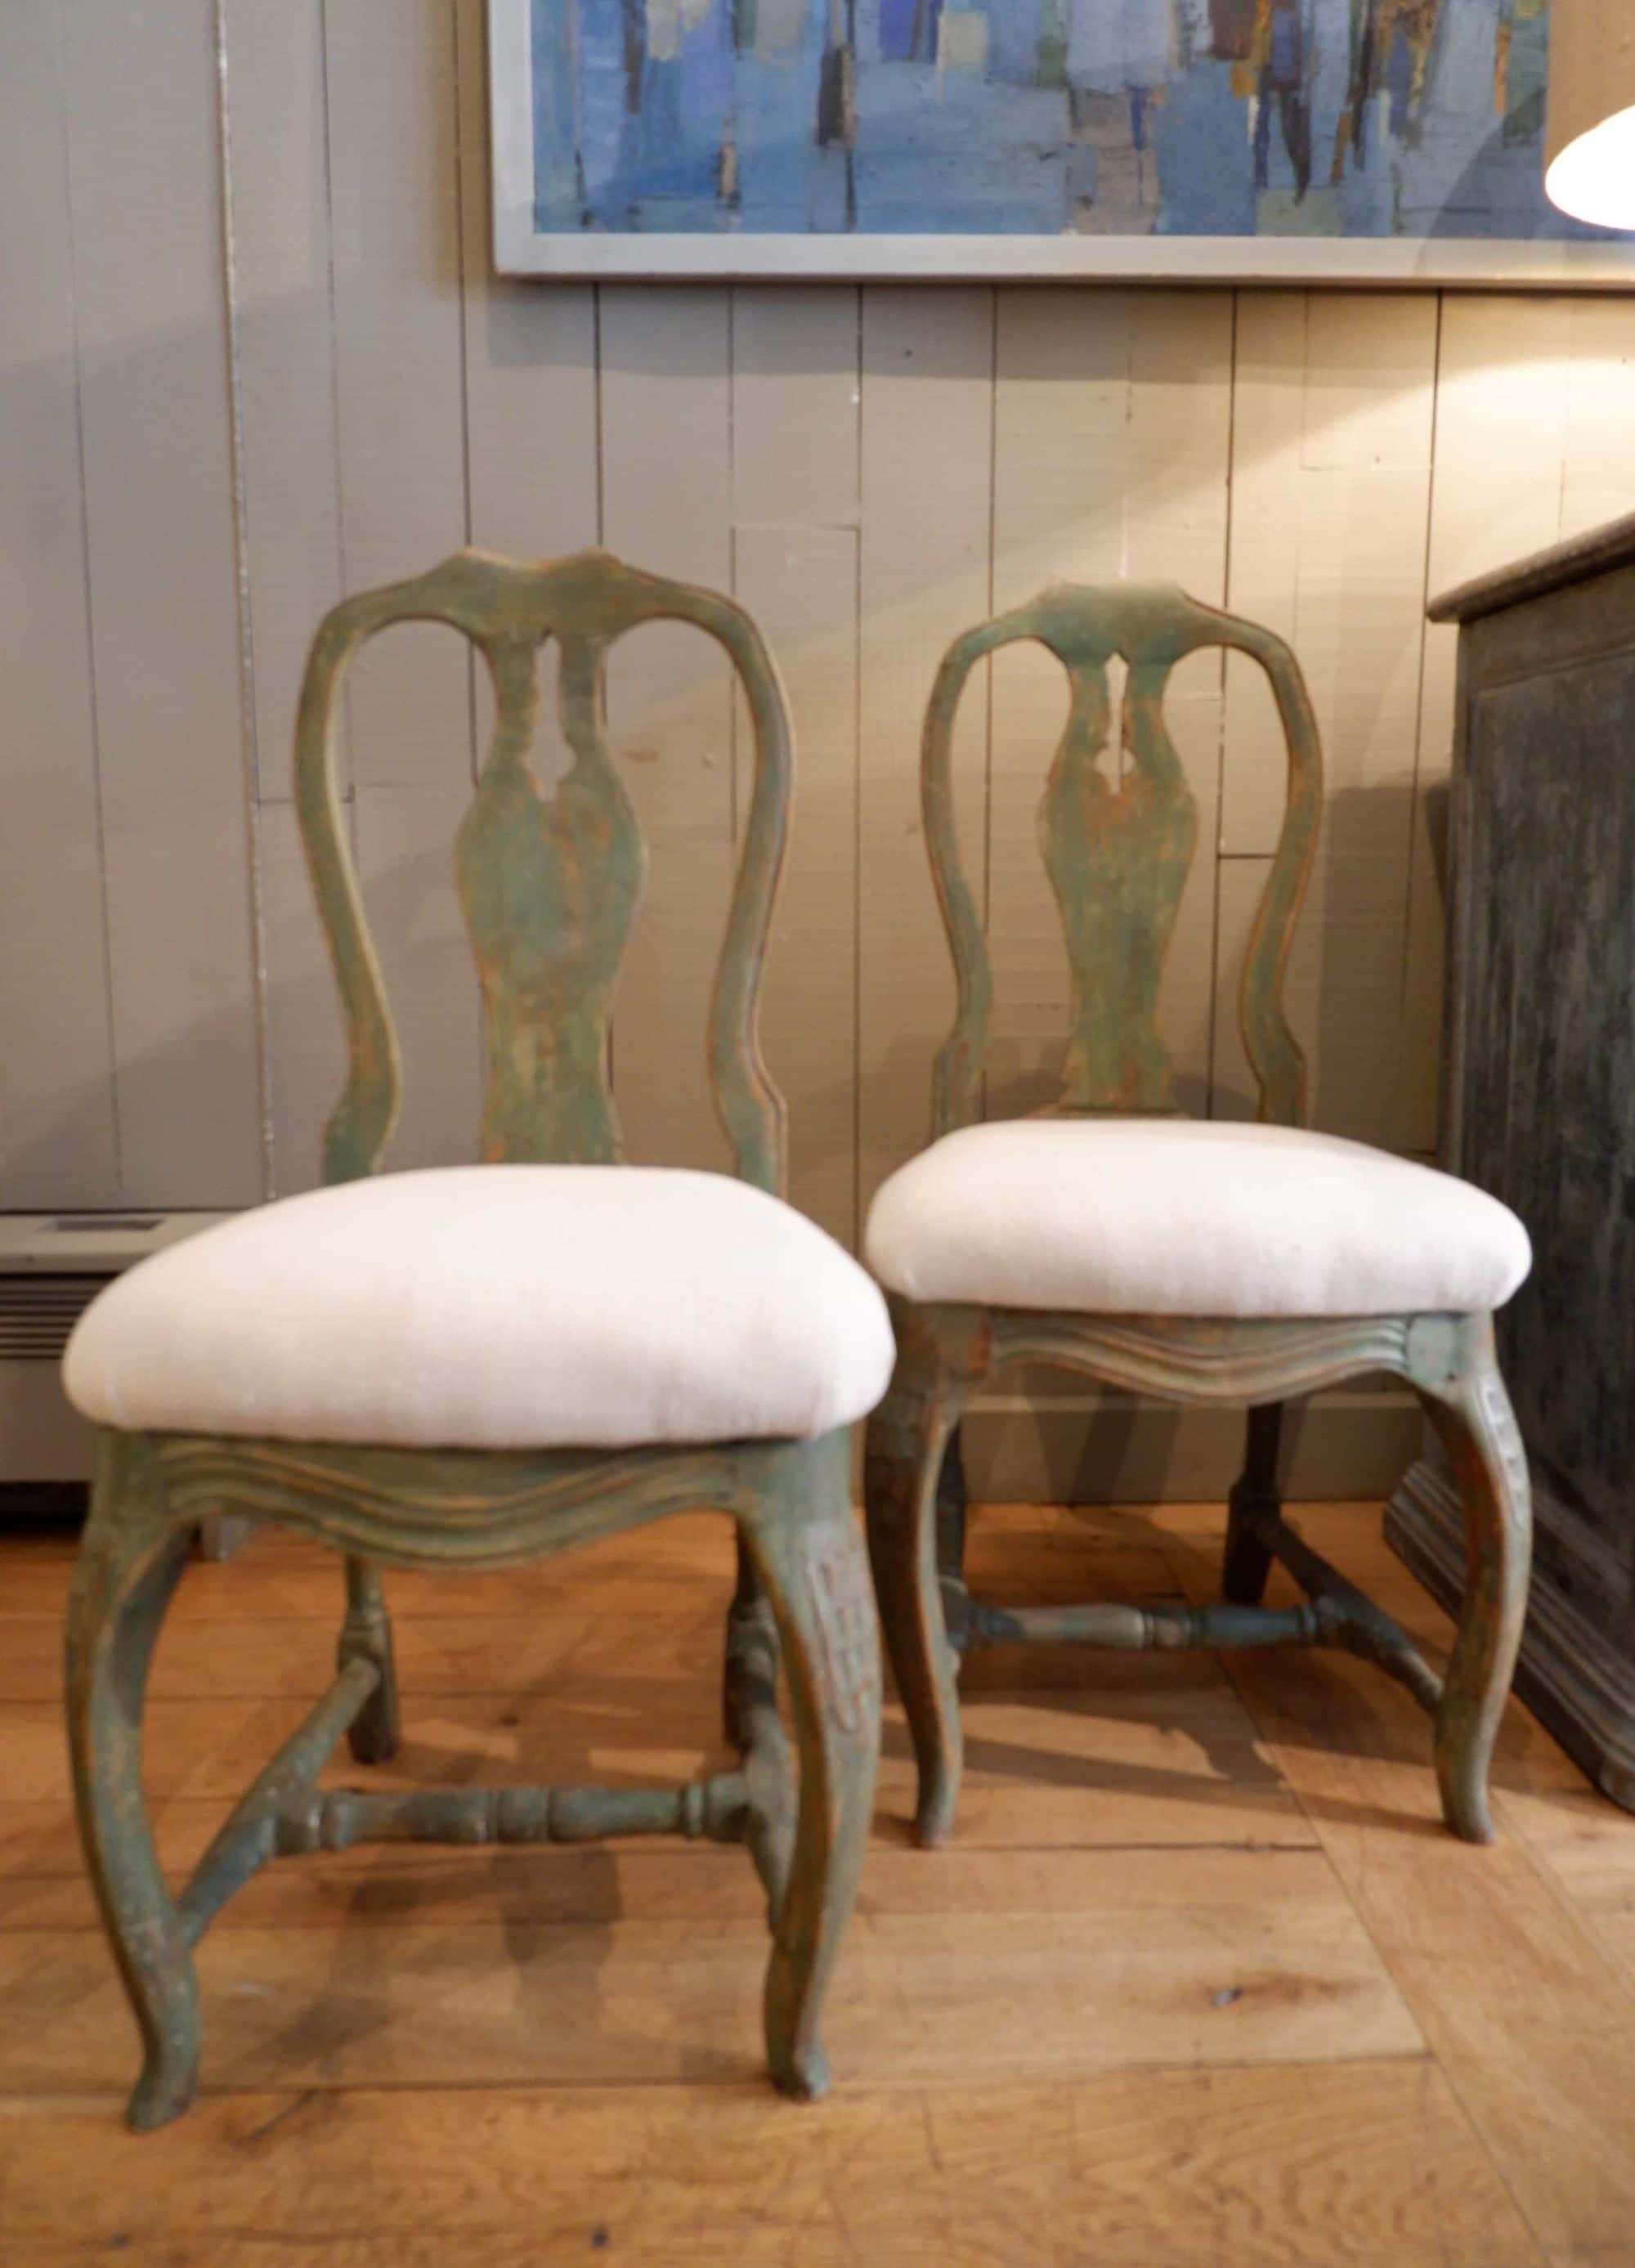 paire de chaises suedoises patine vert vif ca1890 - Chaises Suedoises